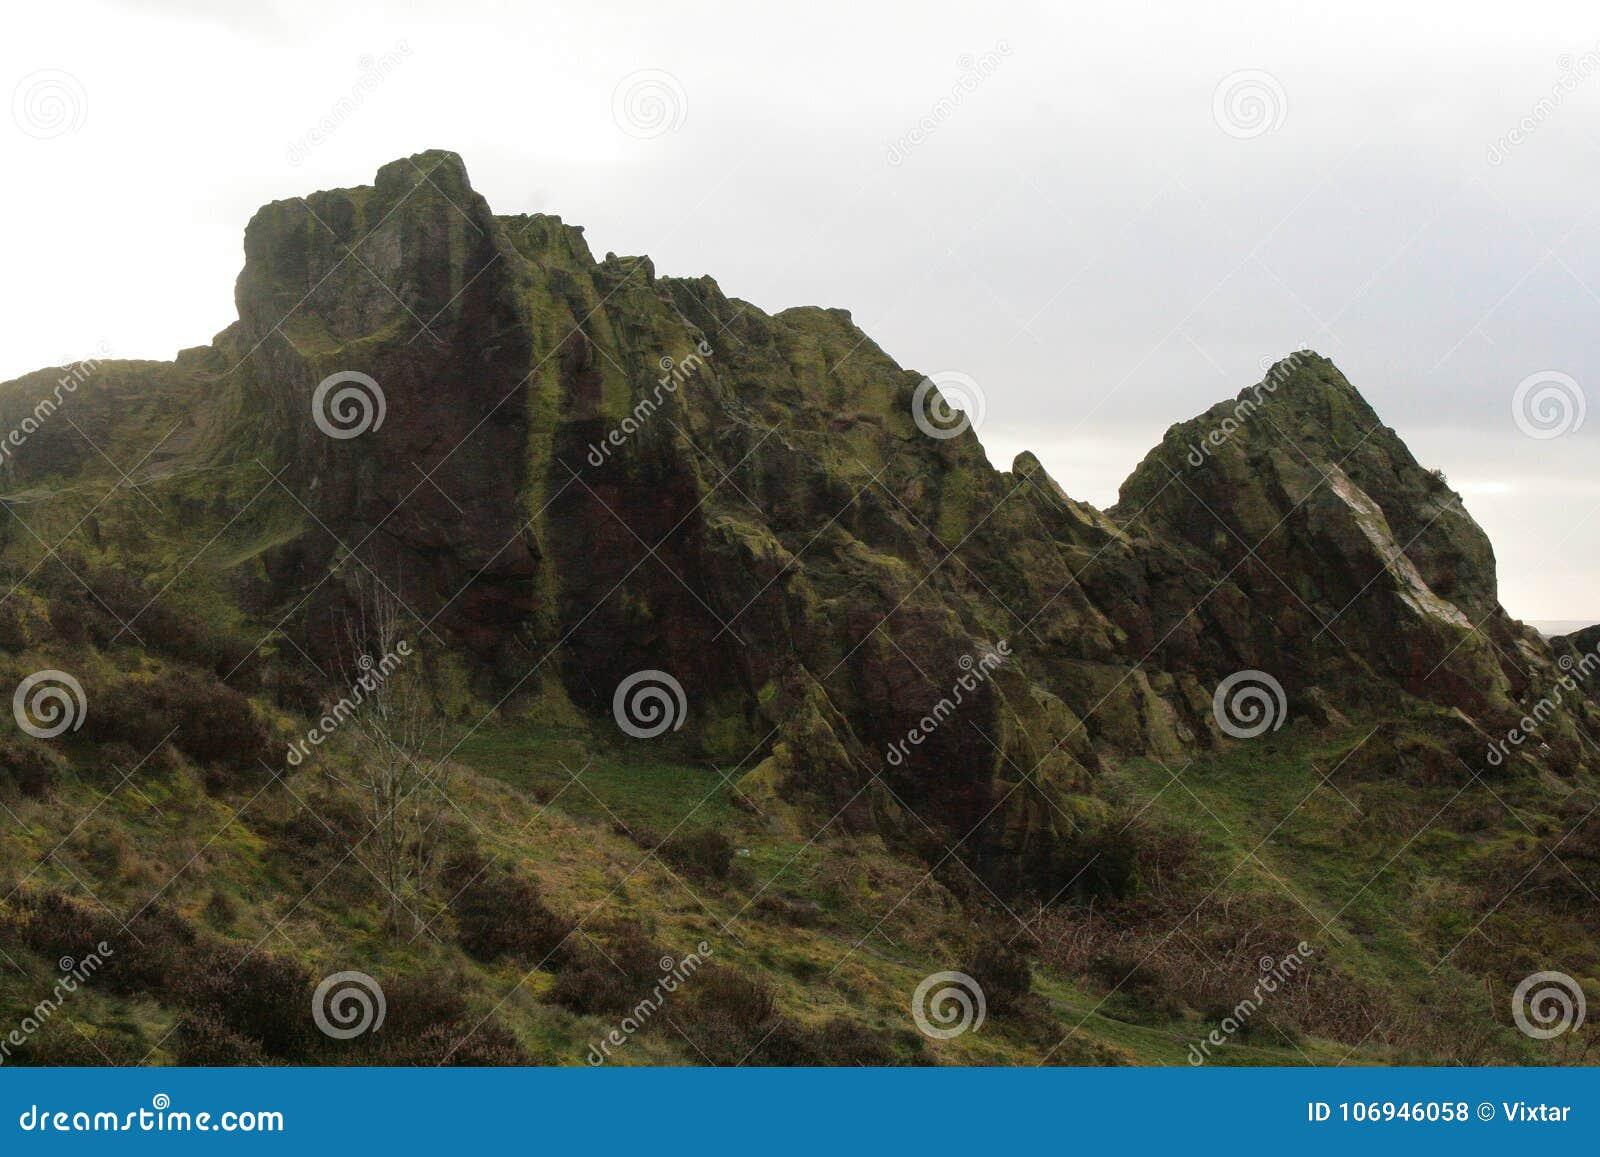 Balance picos próximo segam o castelo da bobina, Avivar-em-Trent